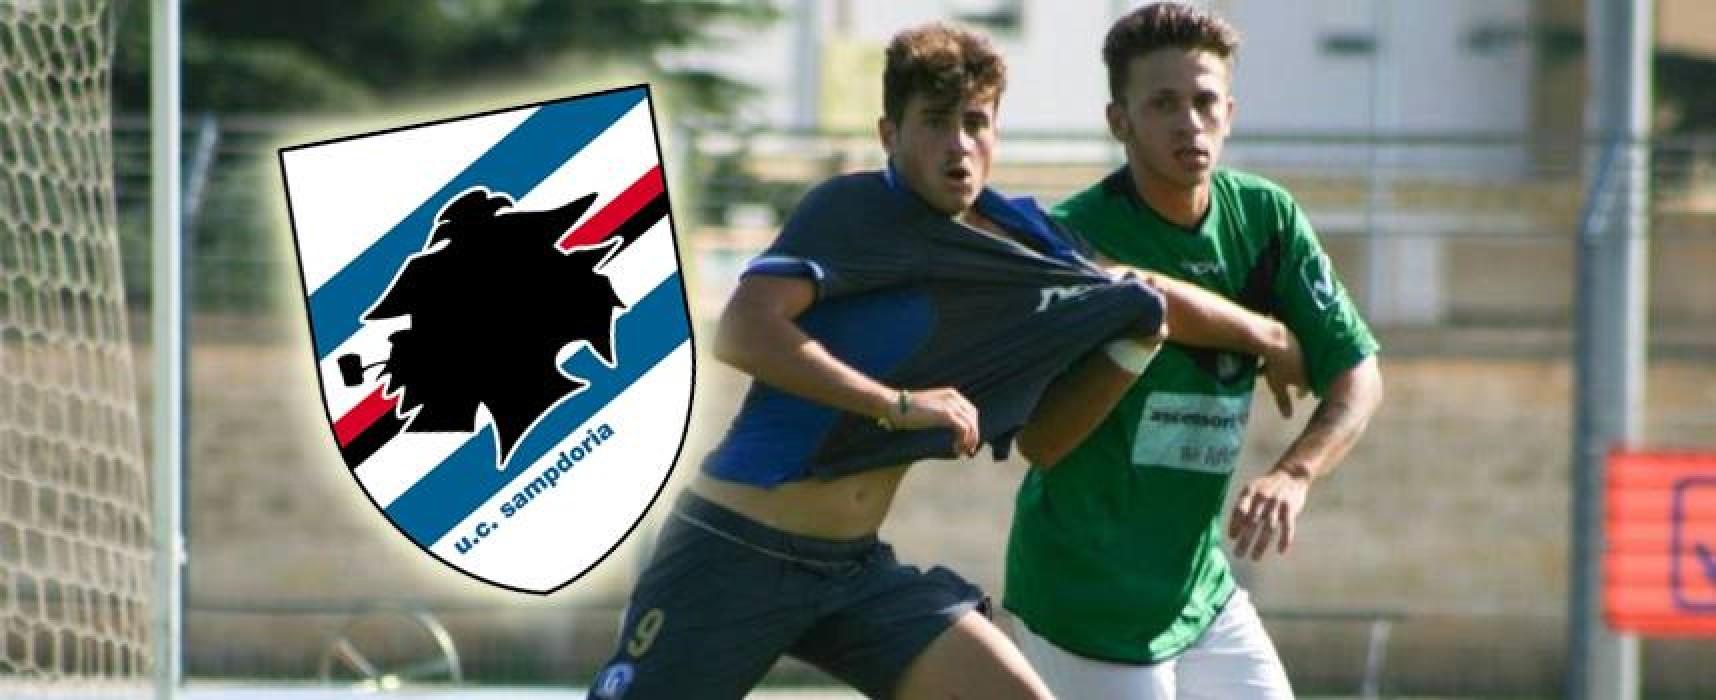 Unione Calcio: Alessandro Amoroso in prova alla Sampdoria